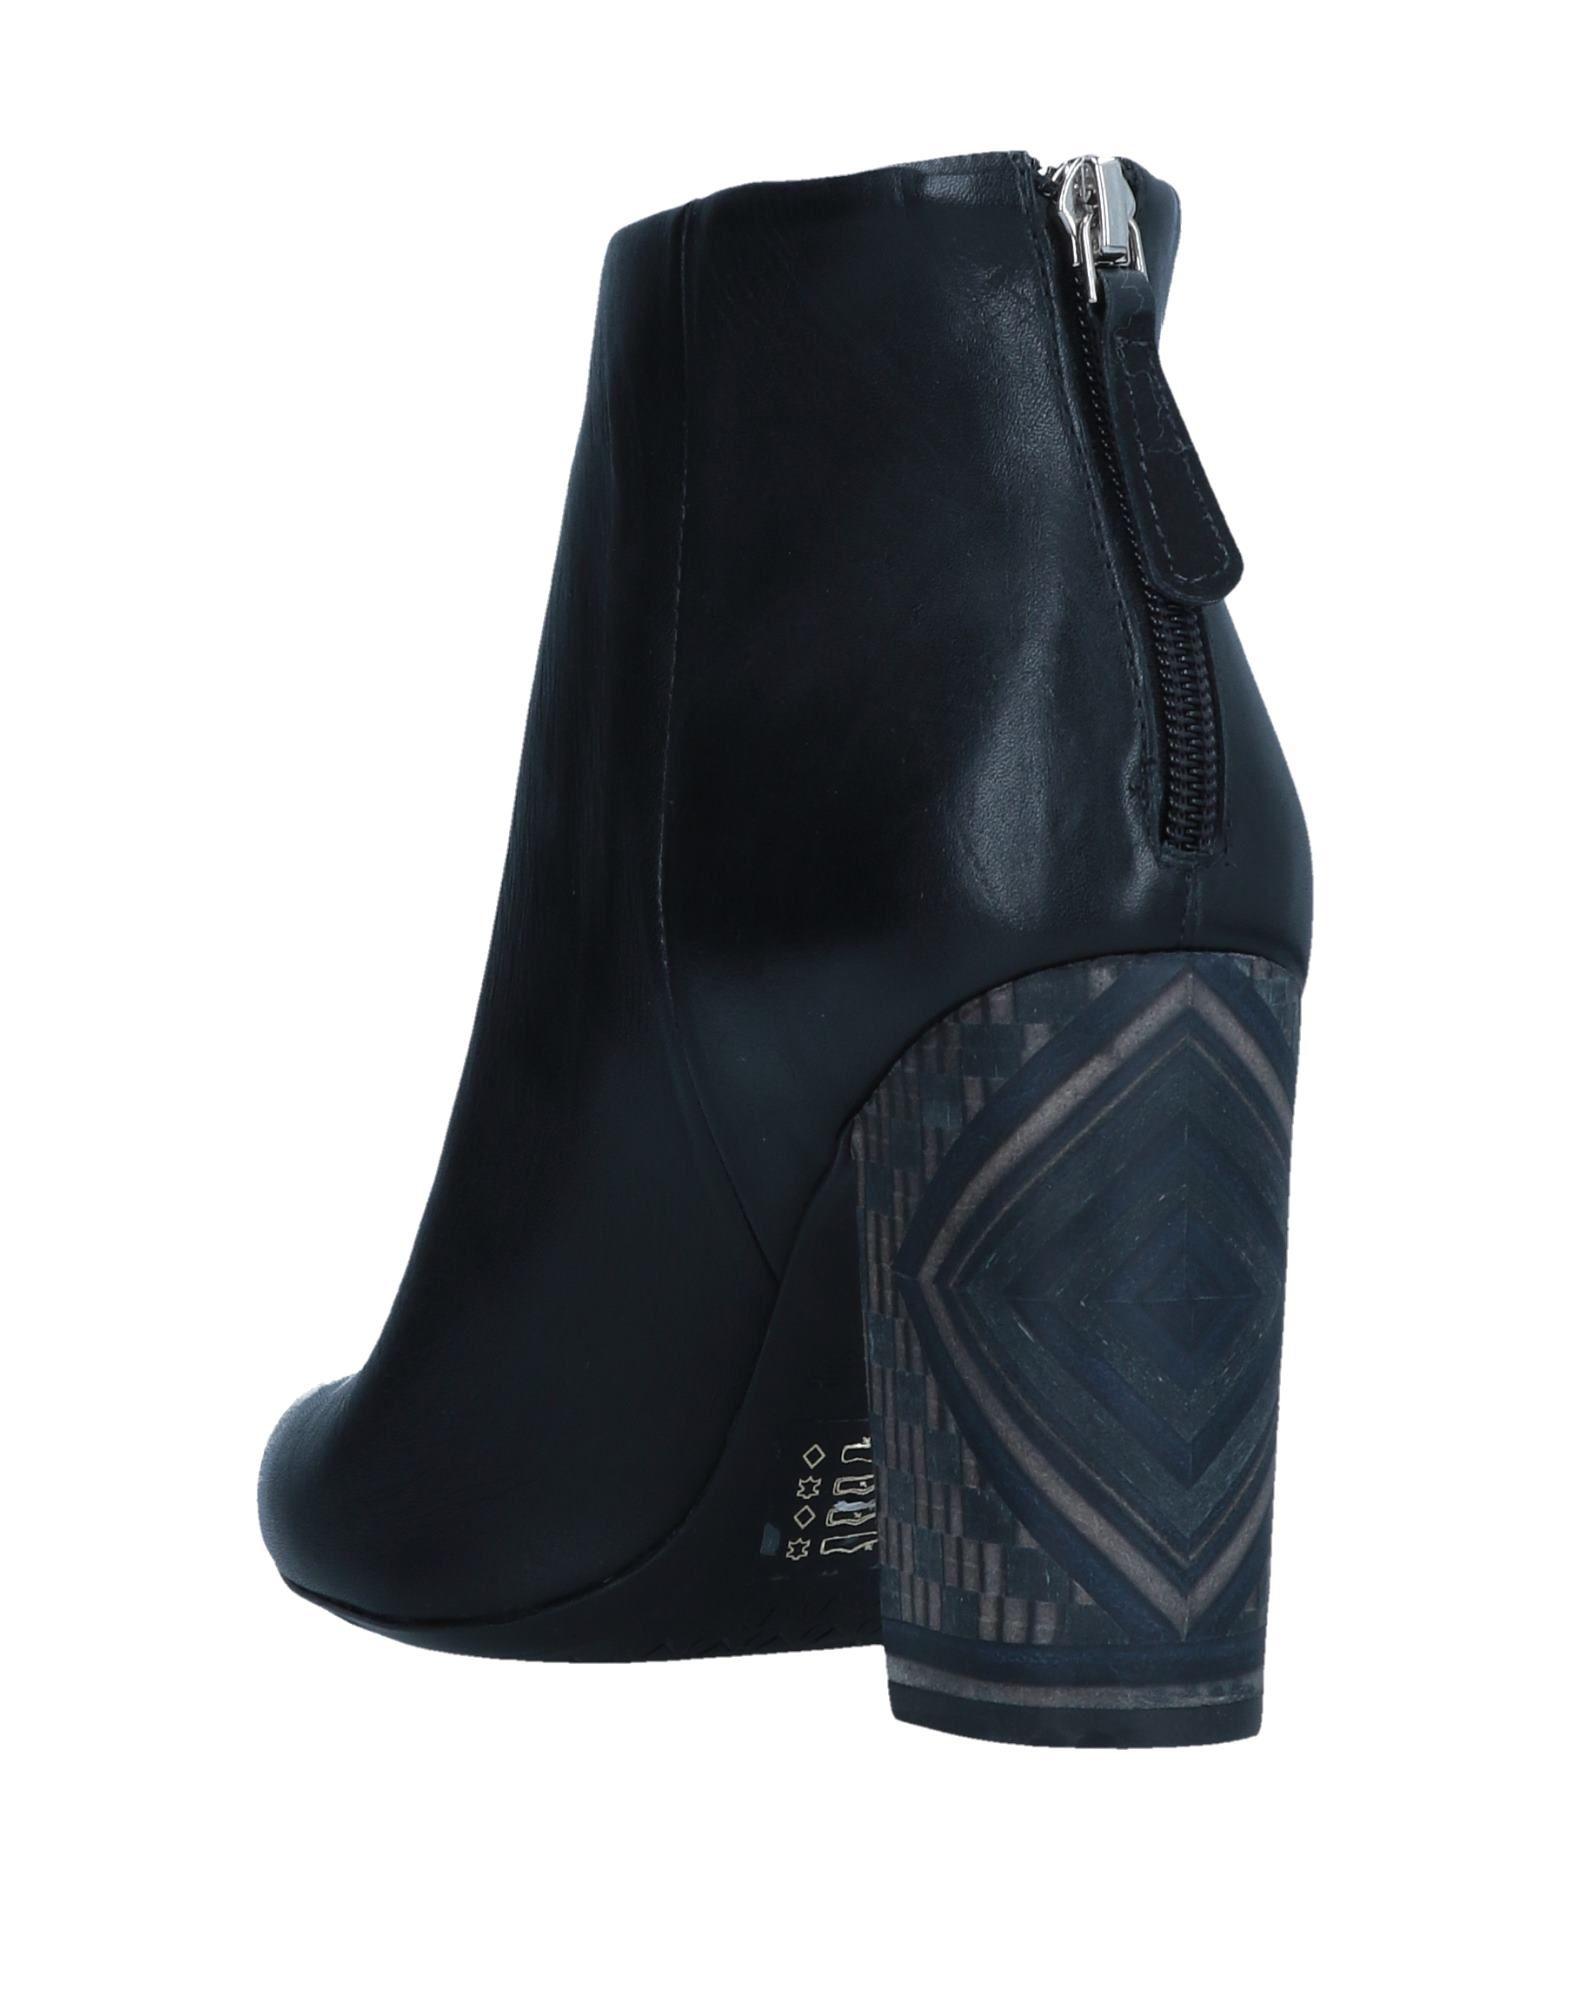 Gut um Stiefelette billige Schuhe zu tragenCartechini Stiefelette um Damen  11549827JO a2cbdd